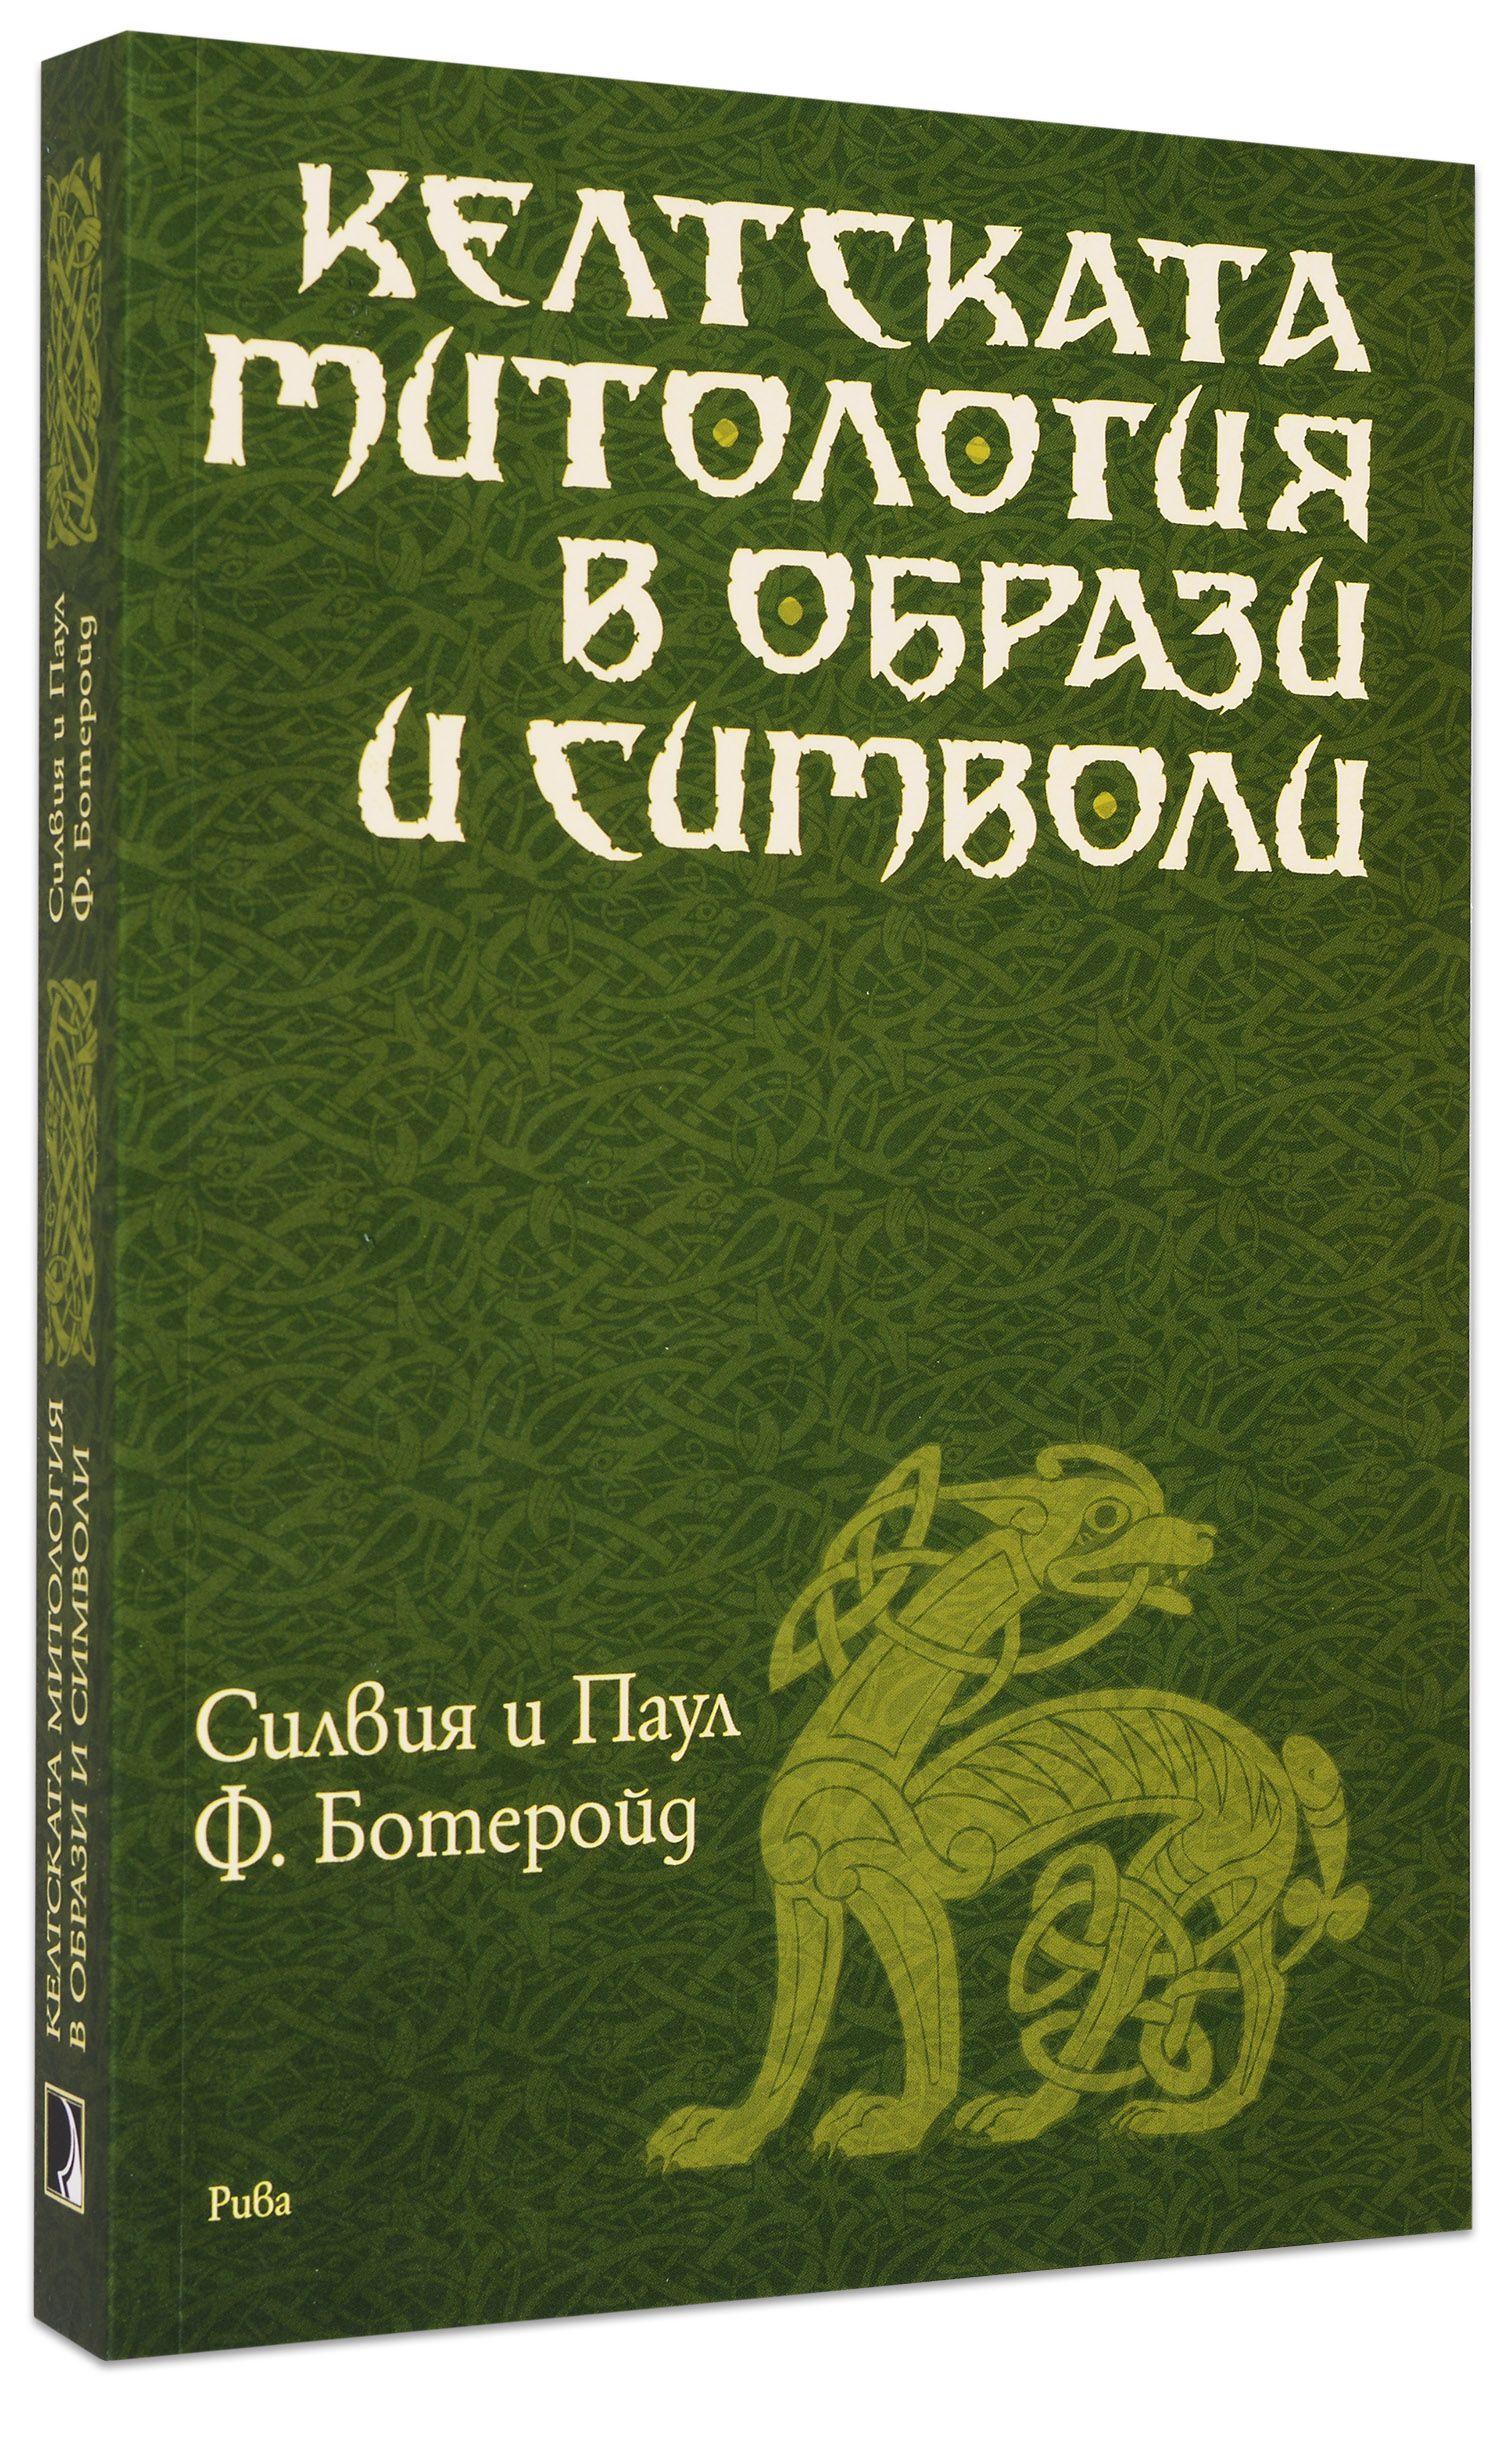 Келтската митология в образи и символи | Ozone.bg